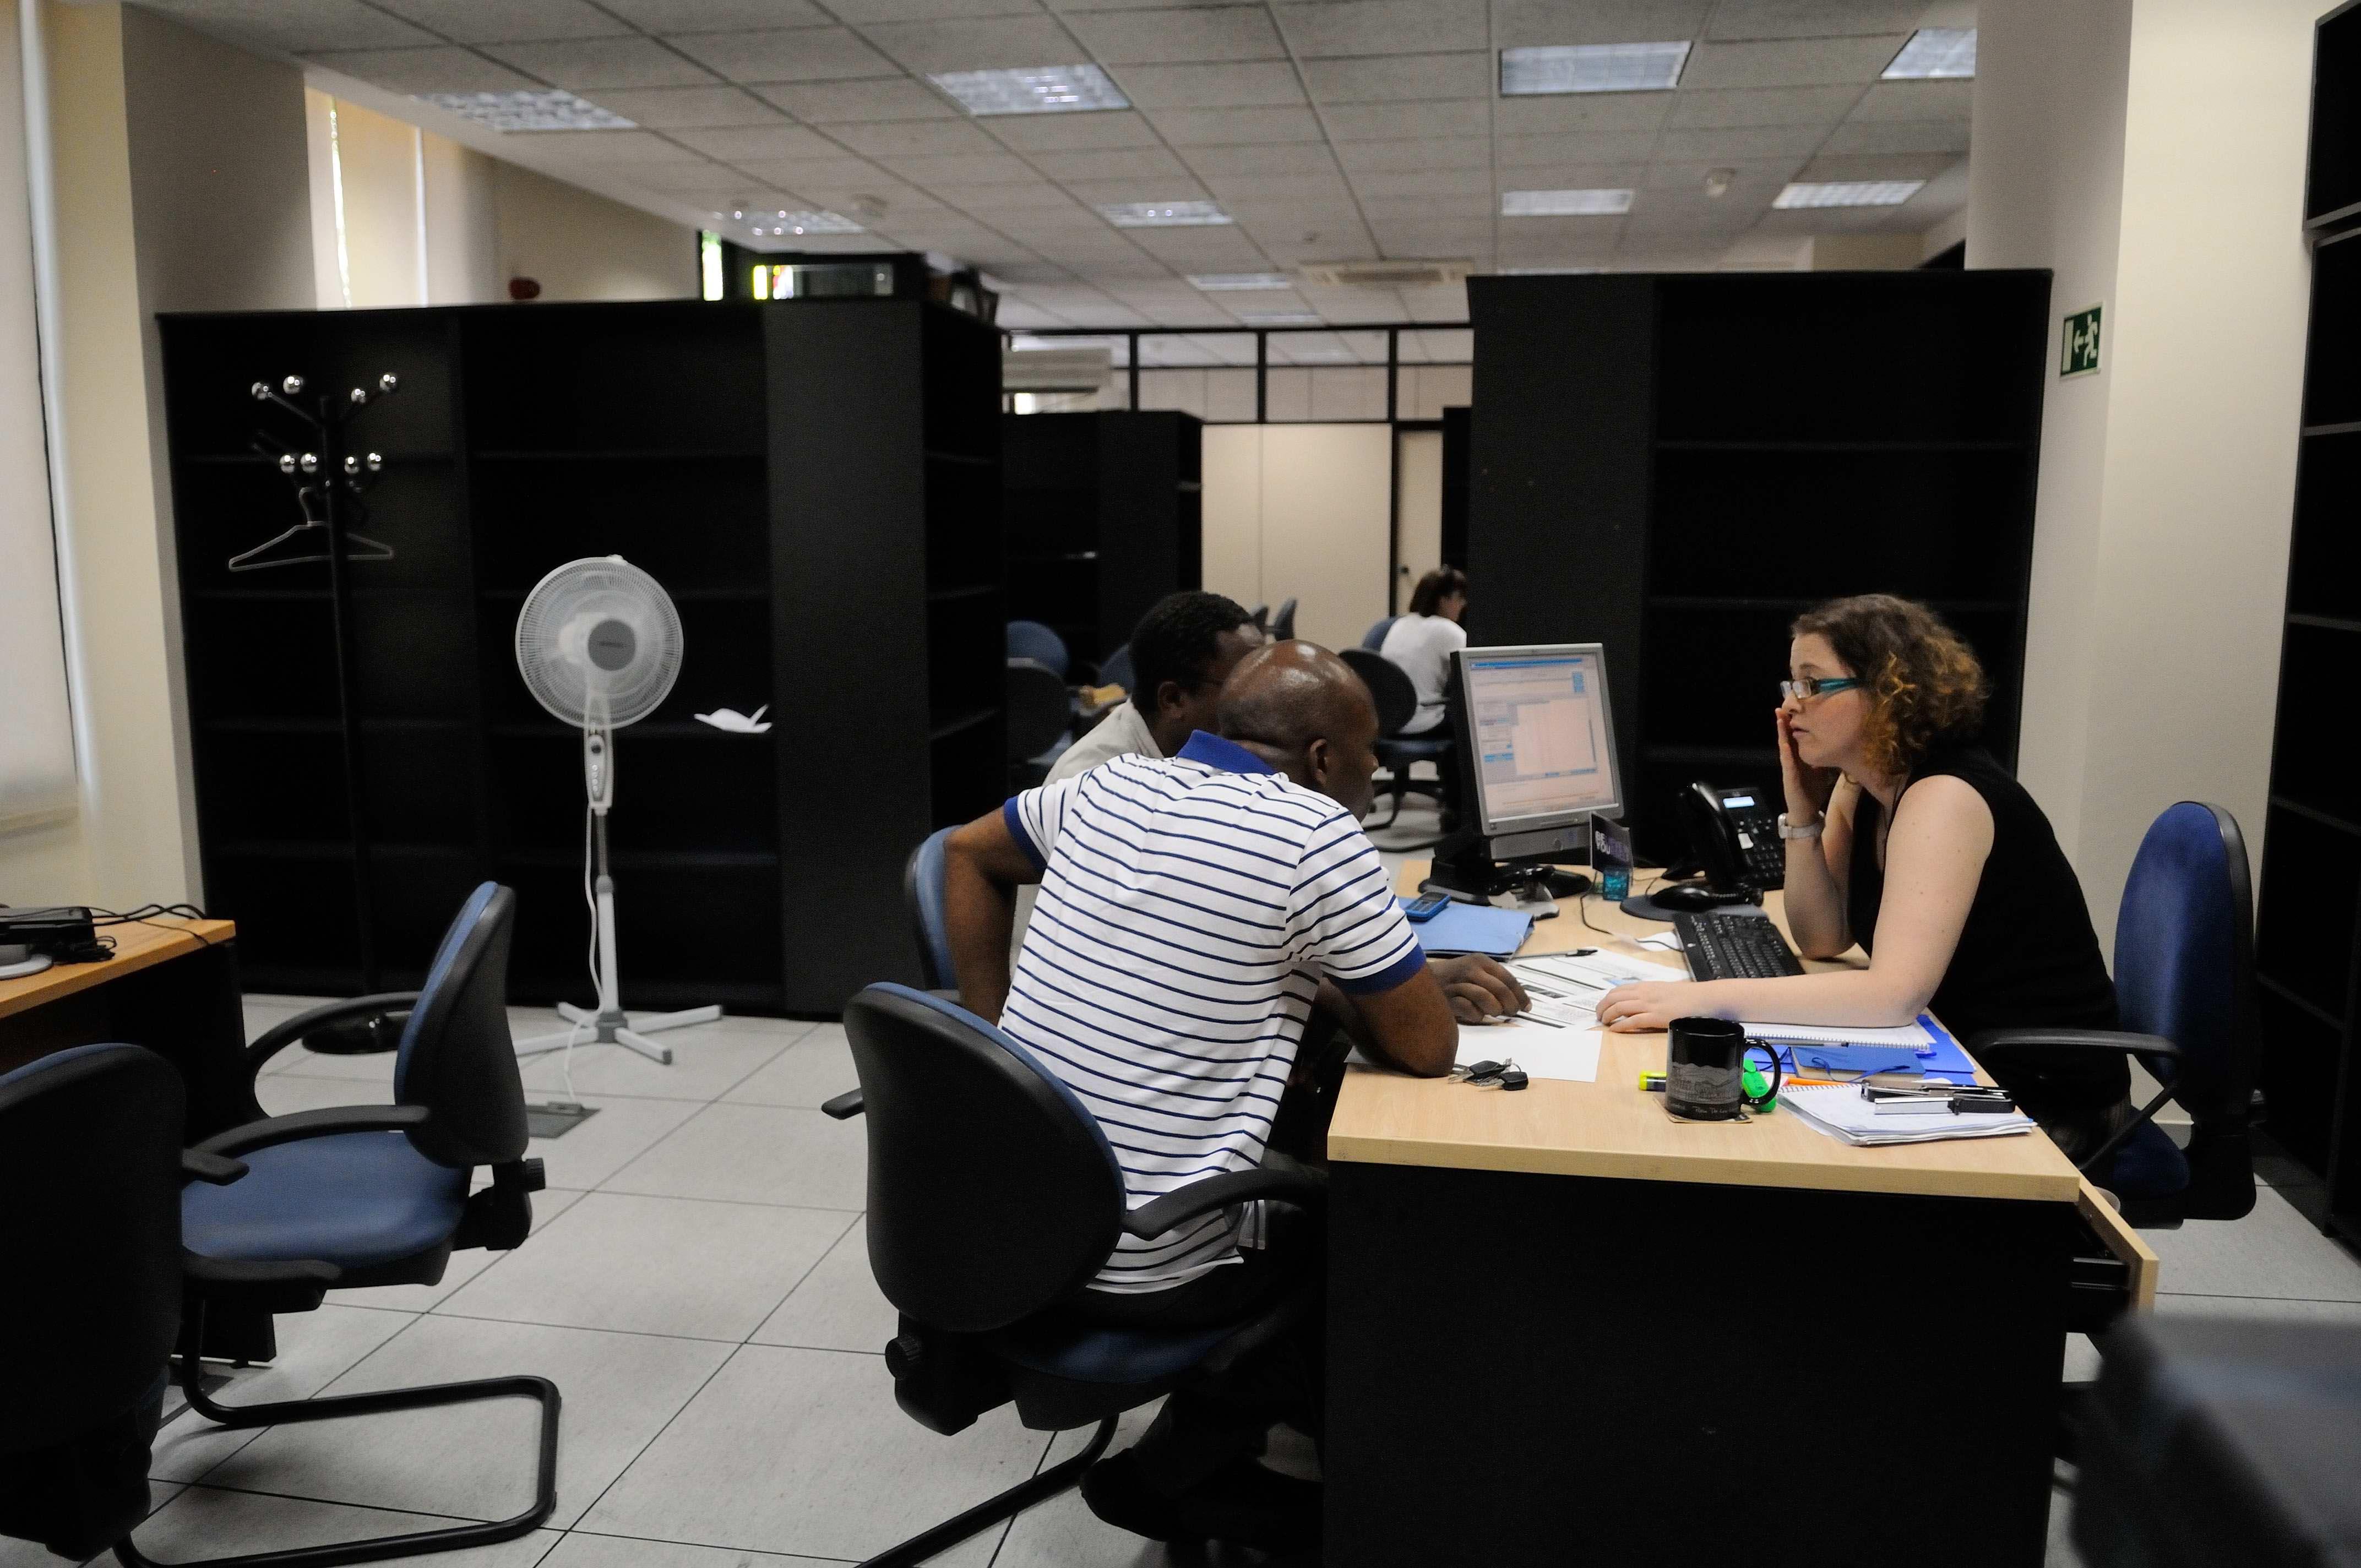 Empieza la andadura de la oficina de intermediaci n for Oficinas atencion al ciudadano madrid